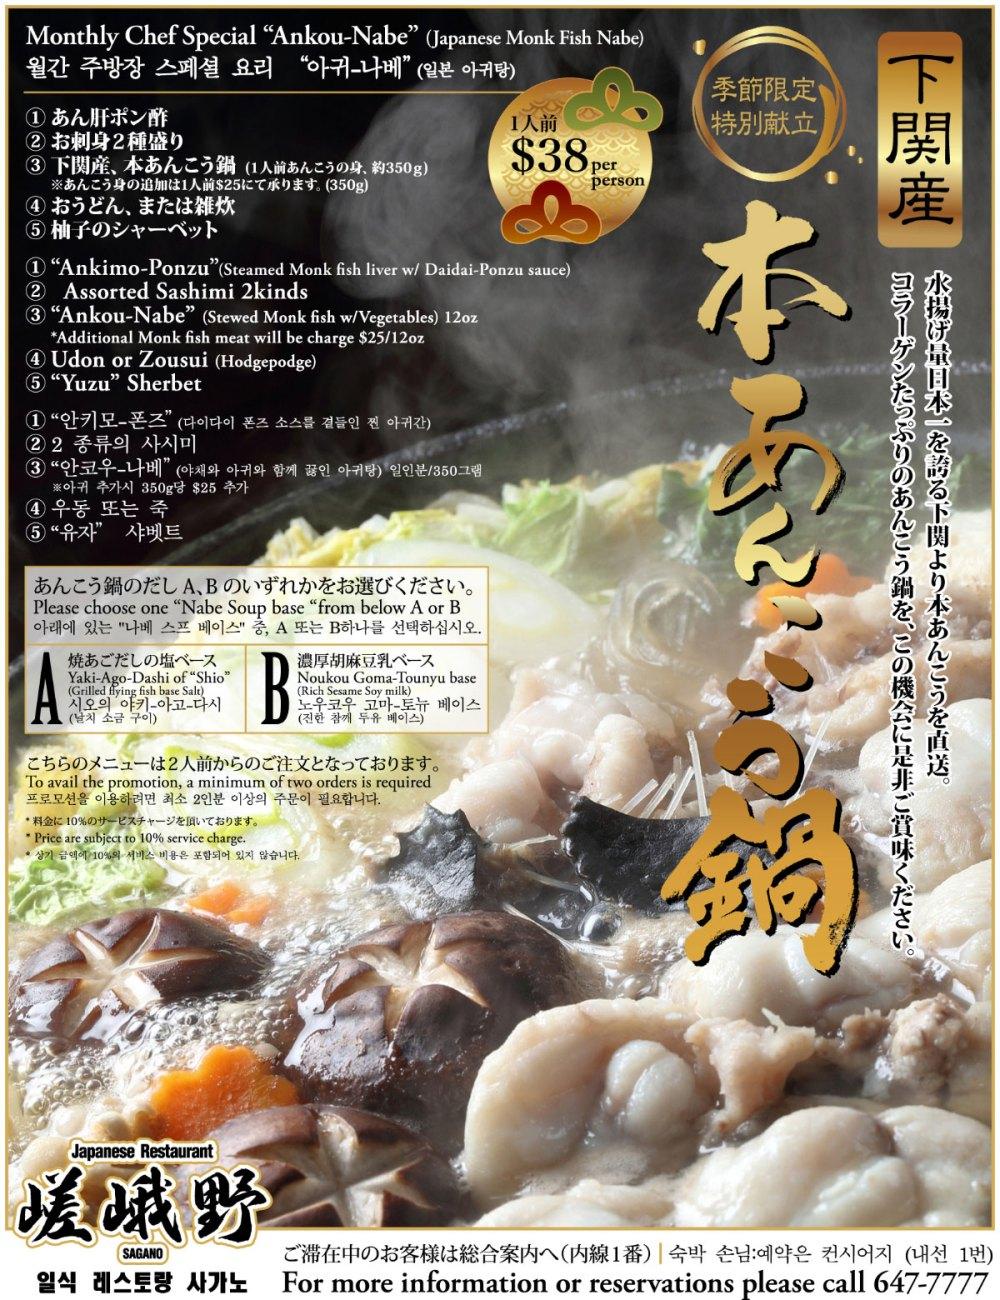 日本料理 嵯峨野 下関産、本あんこう鍋